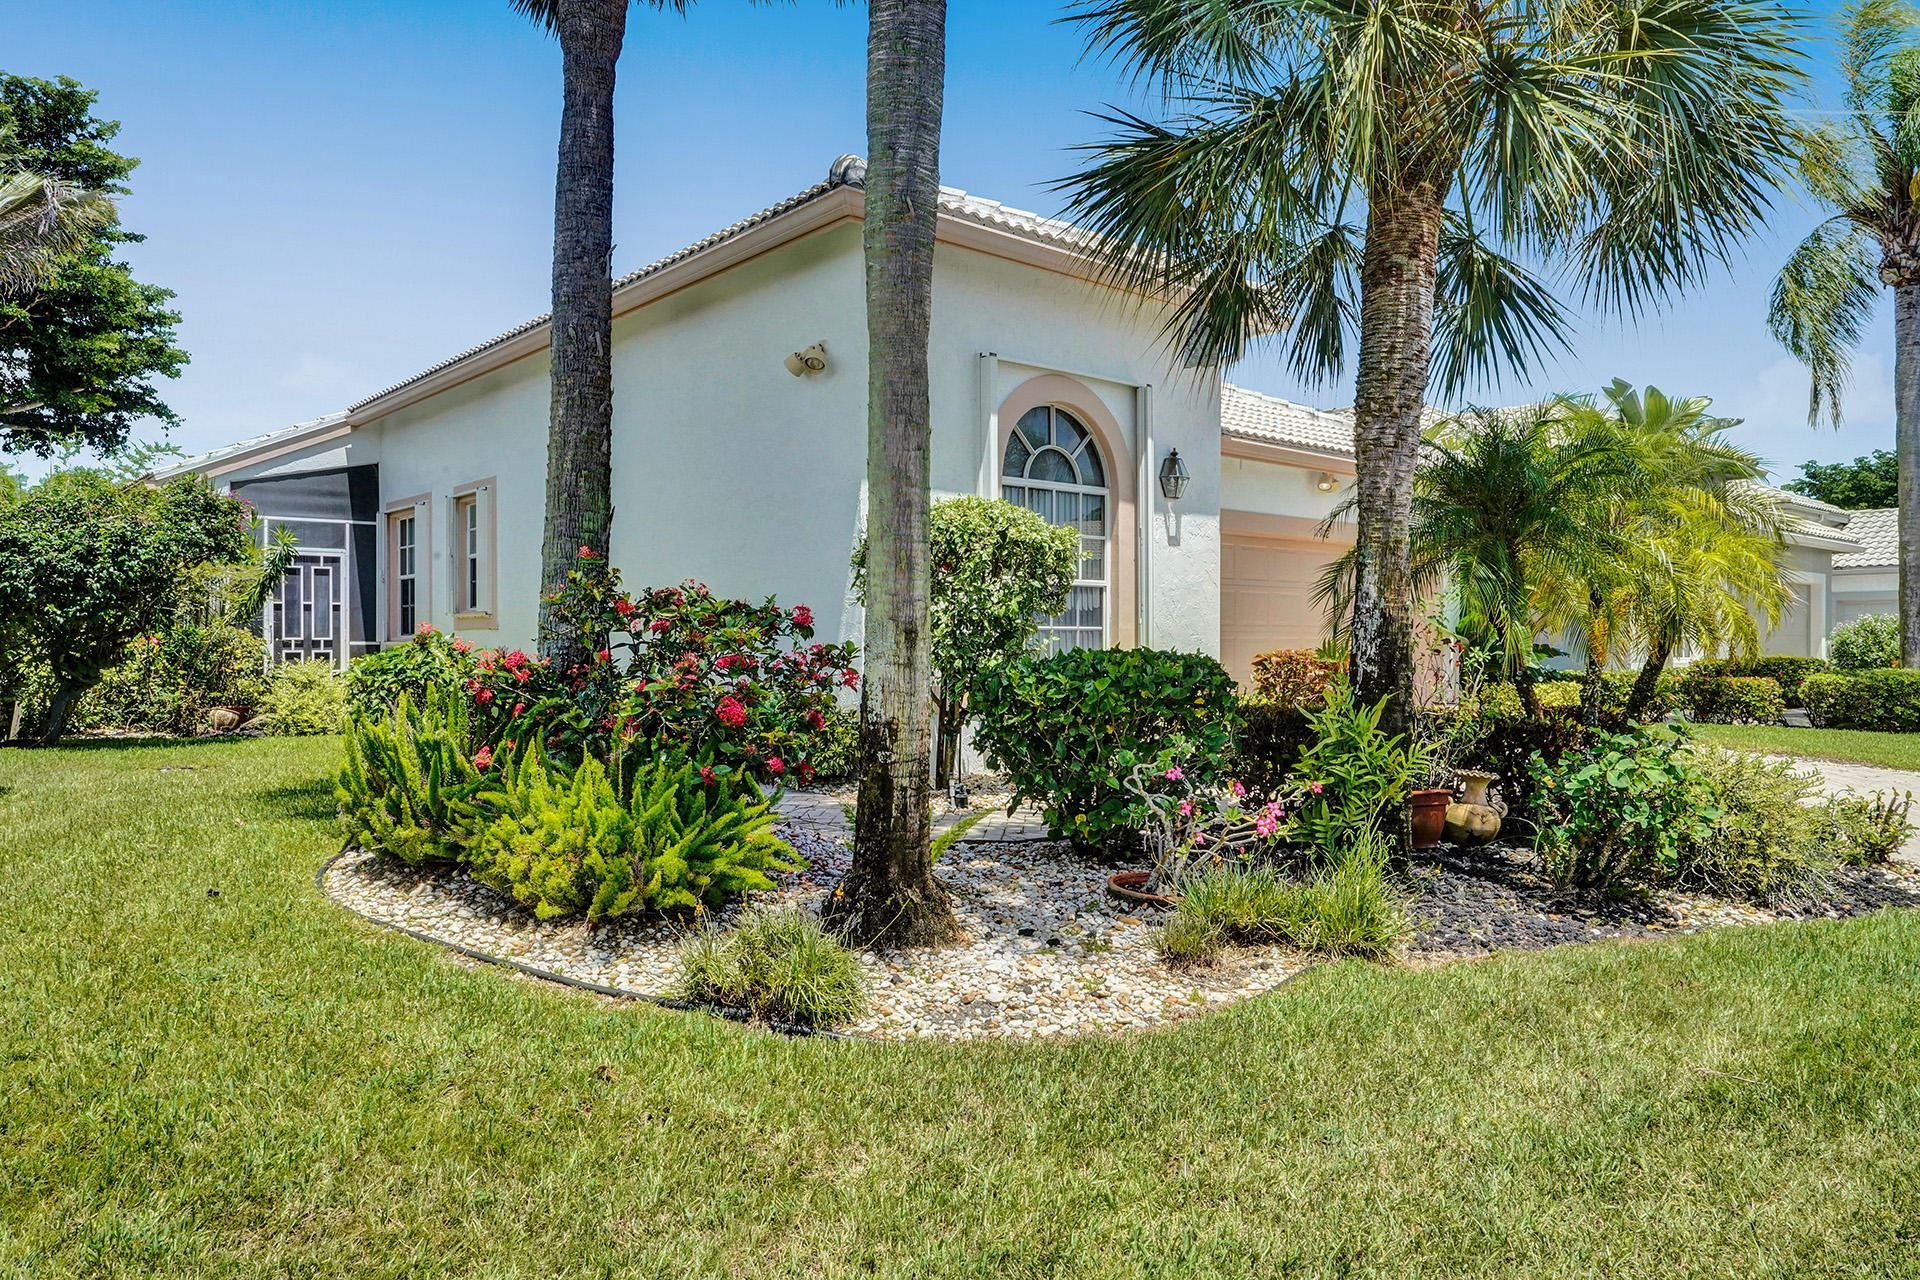 11902 Fountainside Circle, Boynton Beach, FL 33437 - #: RX-10659921